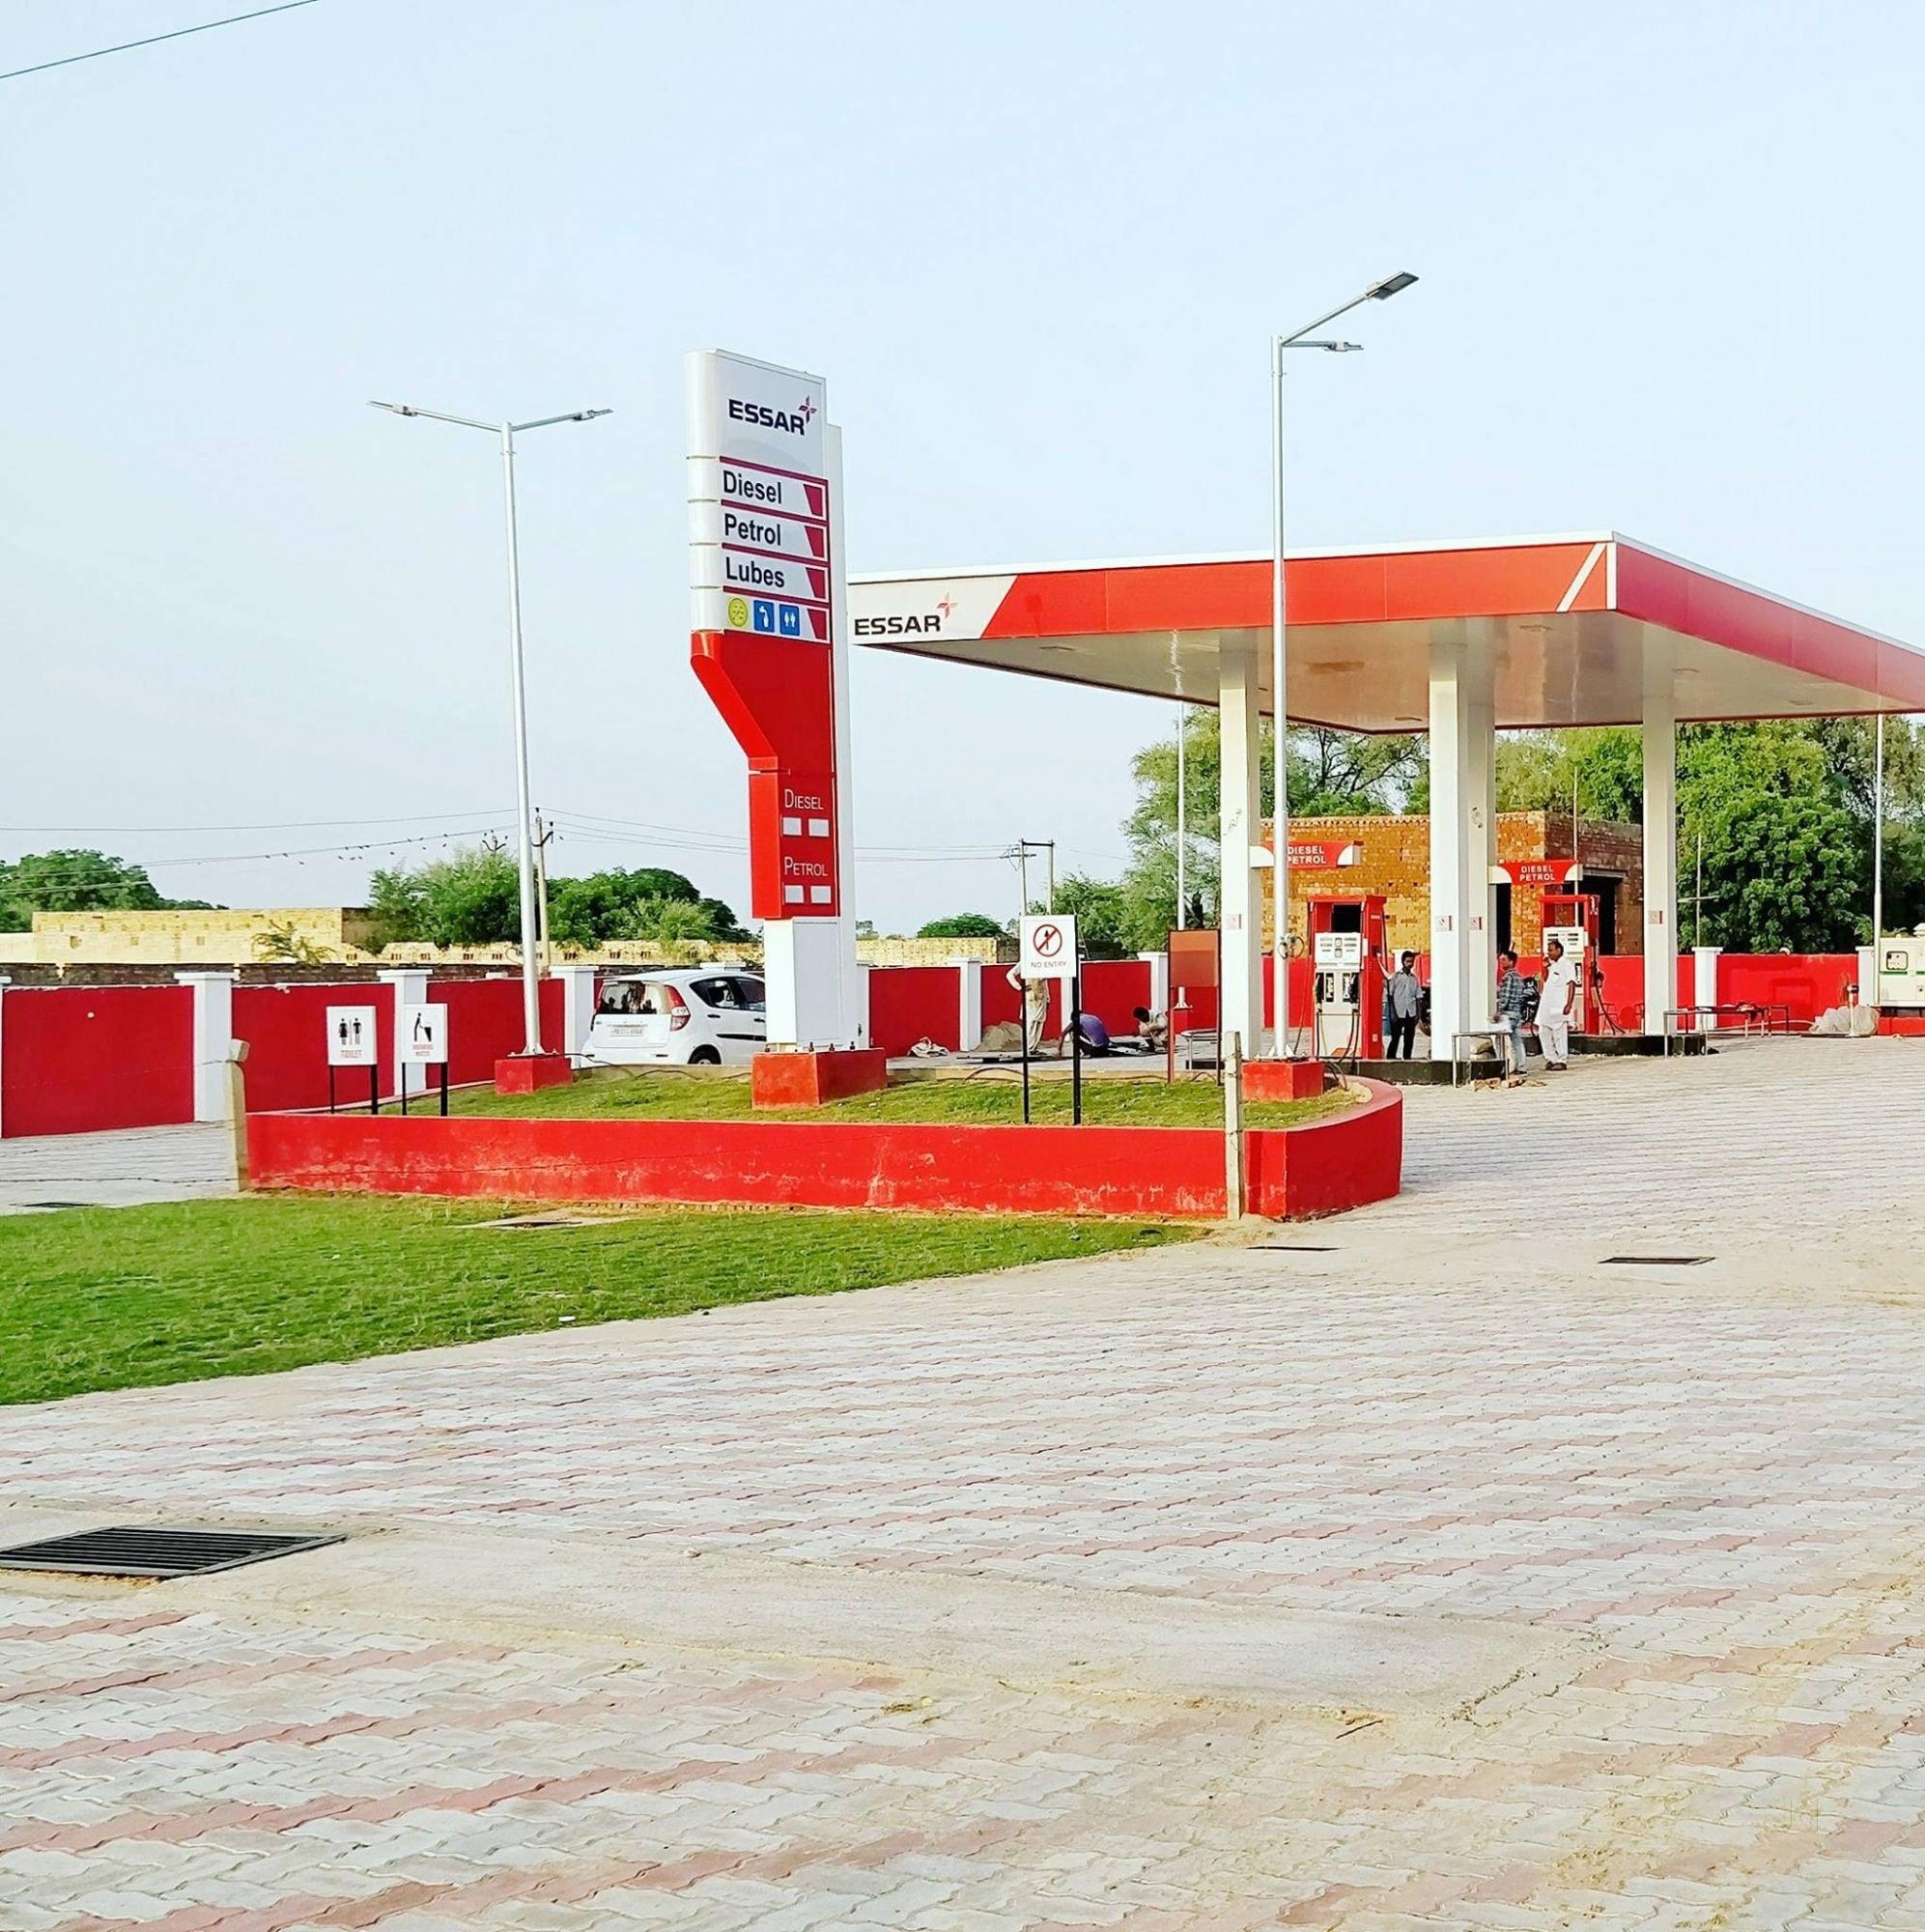 Top Essar Petrol Pumps in Boha - Best Essar Petrol Pumps